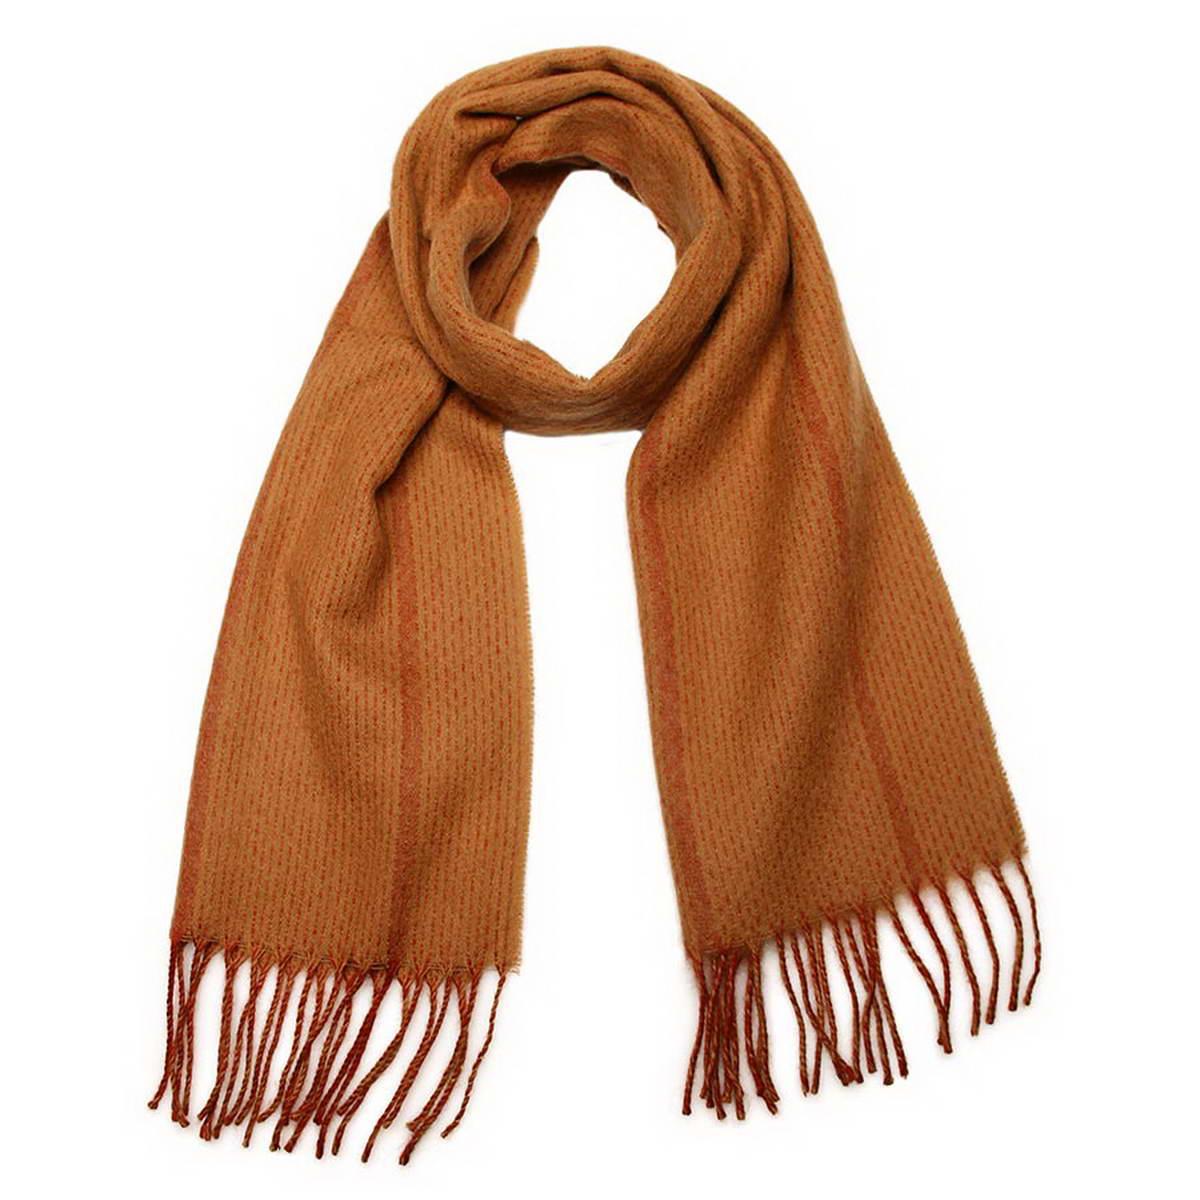 Шарф5002532-2Элегантный мужской шарф Venera согреет вас в холодное время года, а также станет изысканным аксессуаром, который призван подчеркнуть ваш стиль и индивидуальность. Оригинальный теплый шарф выполнен из высококачественной шерстяной пряжи. Шарф оформлен узором в полоску различной ширины и дополнен жгутиками по краю. Такой шарф станет превосходным дополнением к любому наряду, защитит вас от ветра и холода и позволит вам создать свой неповторимый стиль.